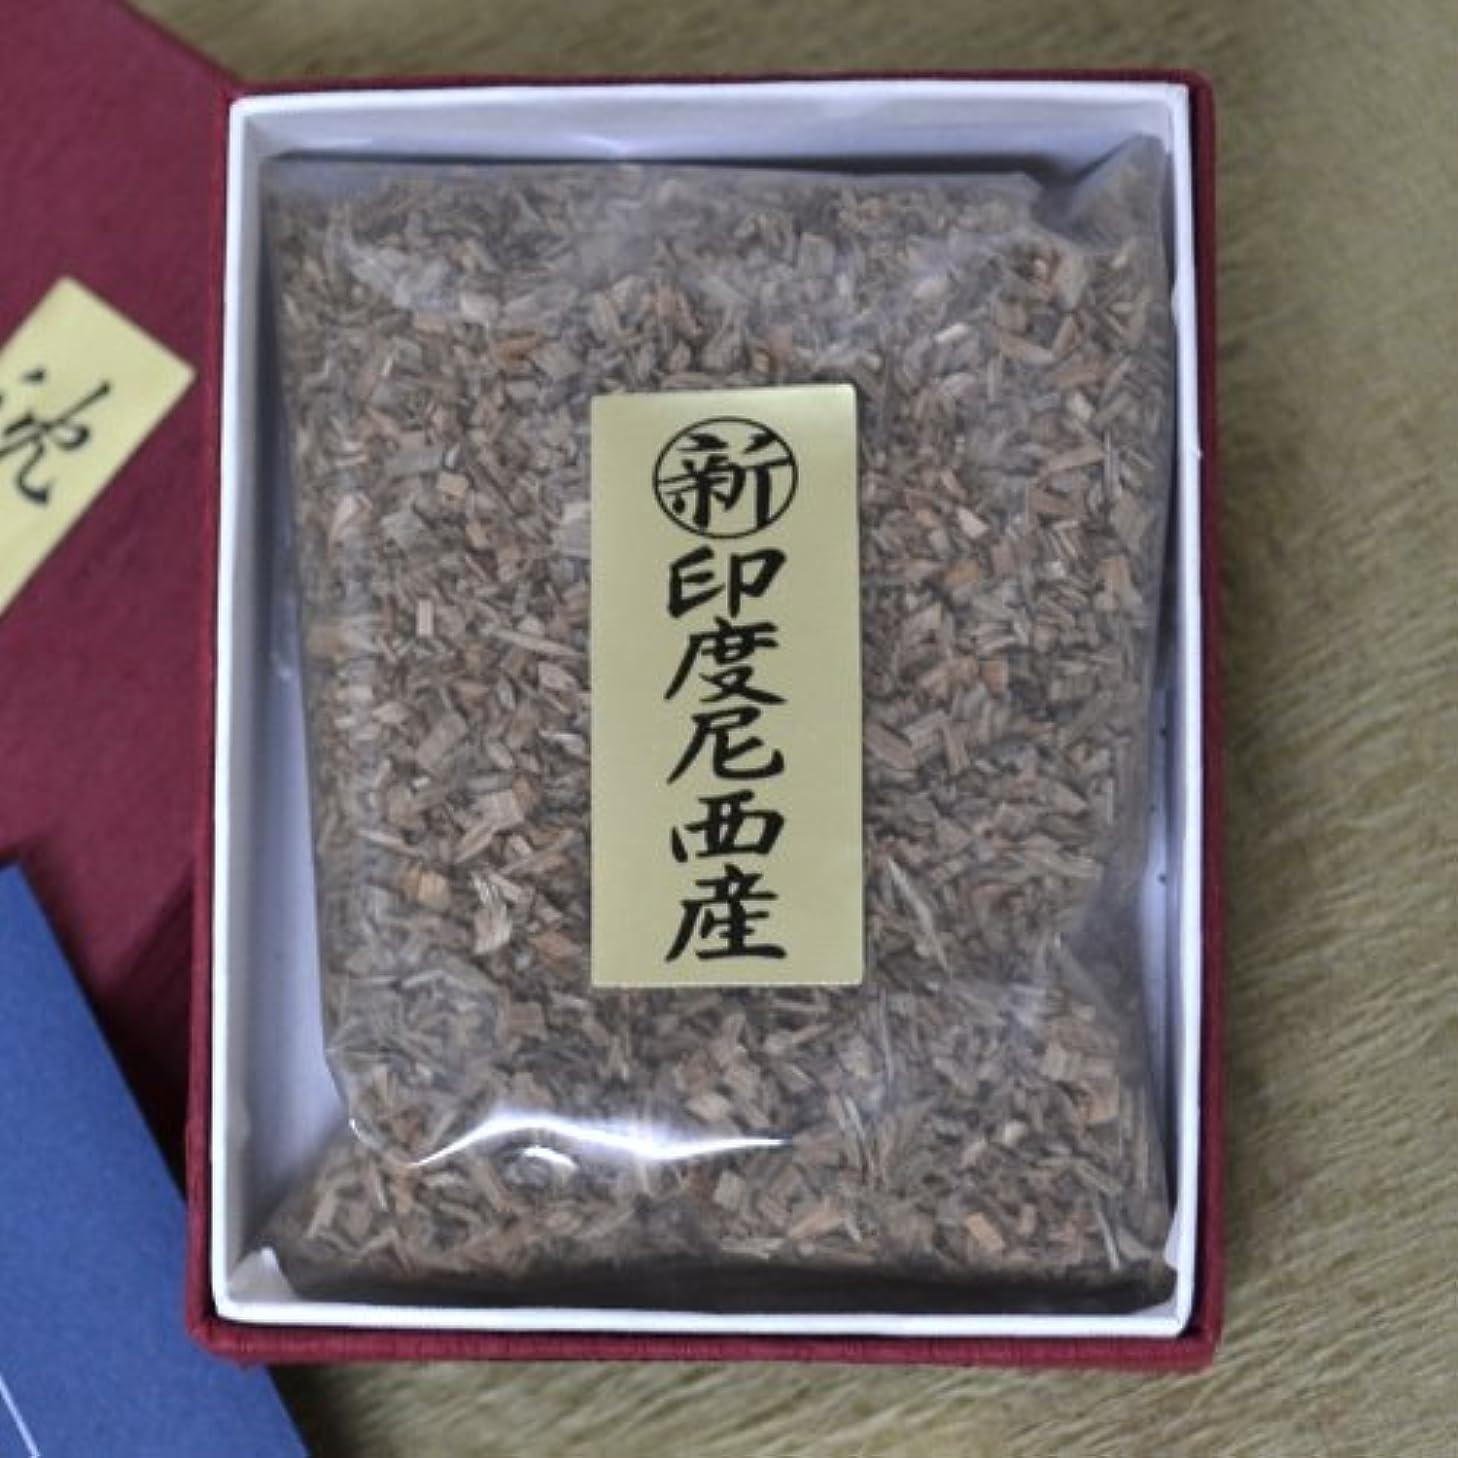 クライアント制約模索香木 お焼香 新インドネシア産 沈香 【最高級品】 18g